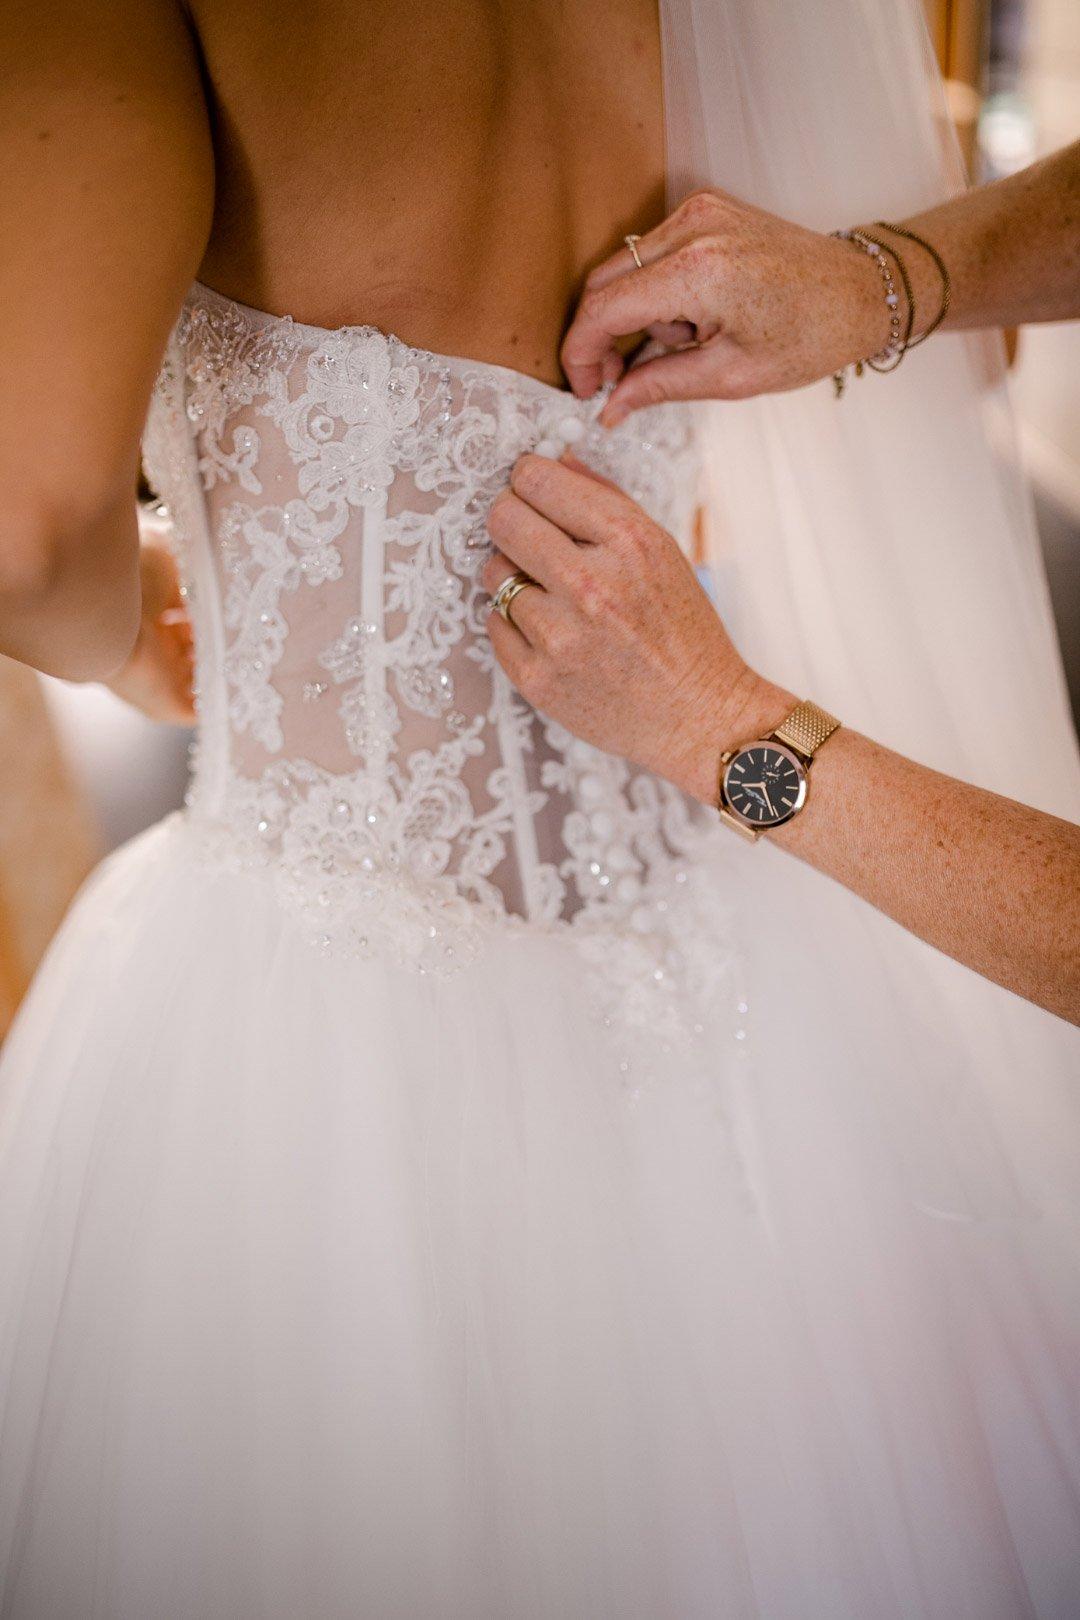 Die Knöpfe am Brautkleid werden beim Getting Ready zugeknöpft